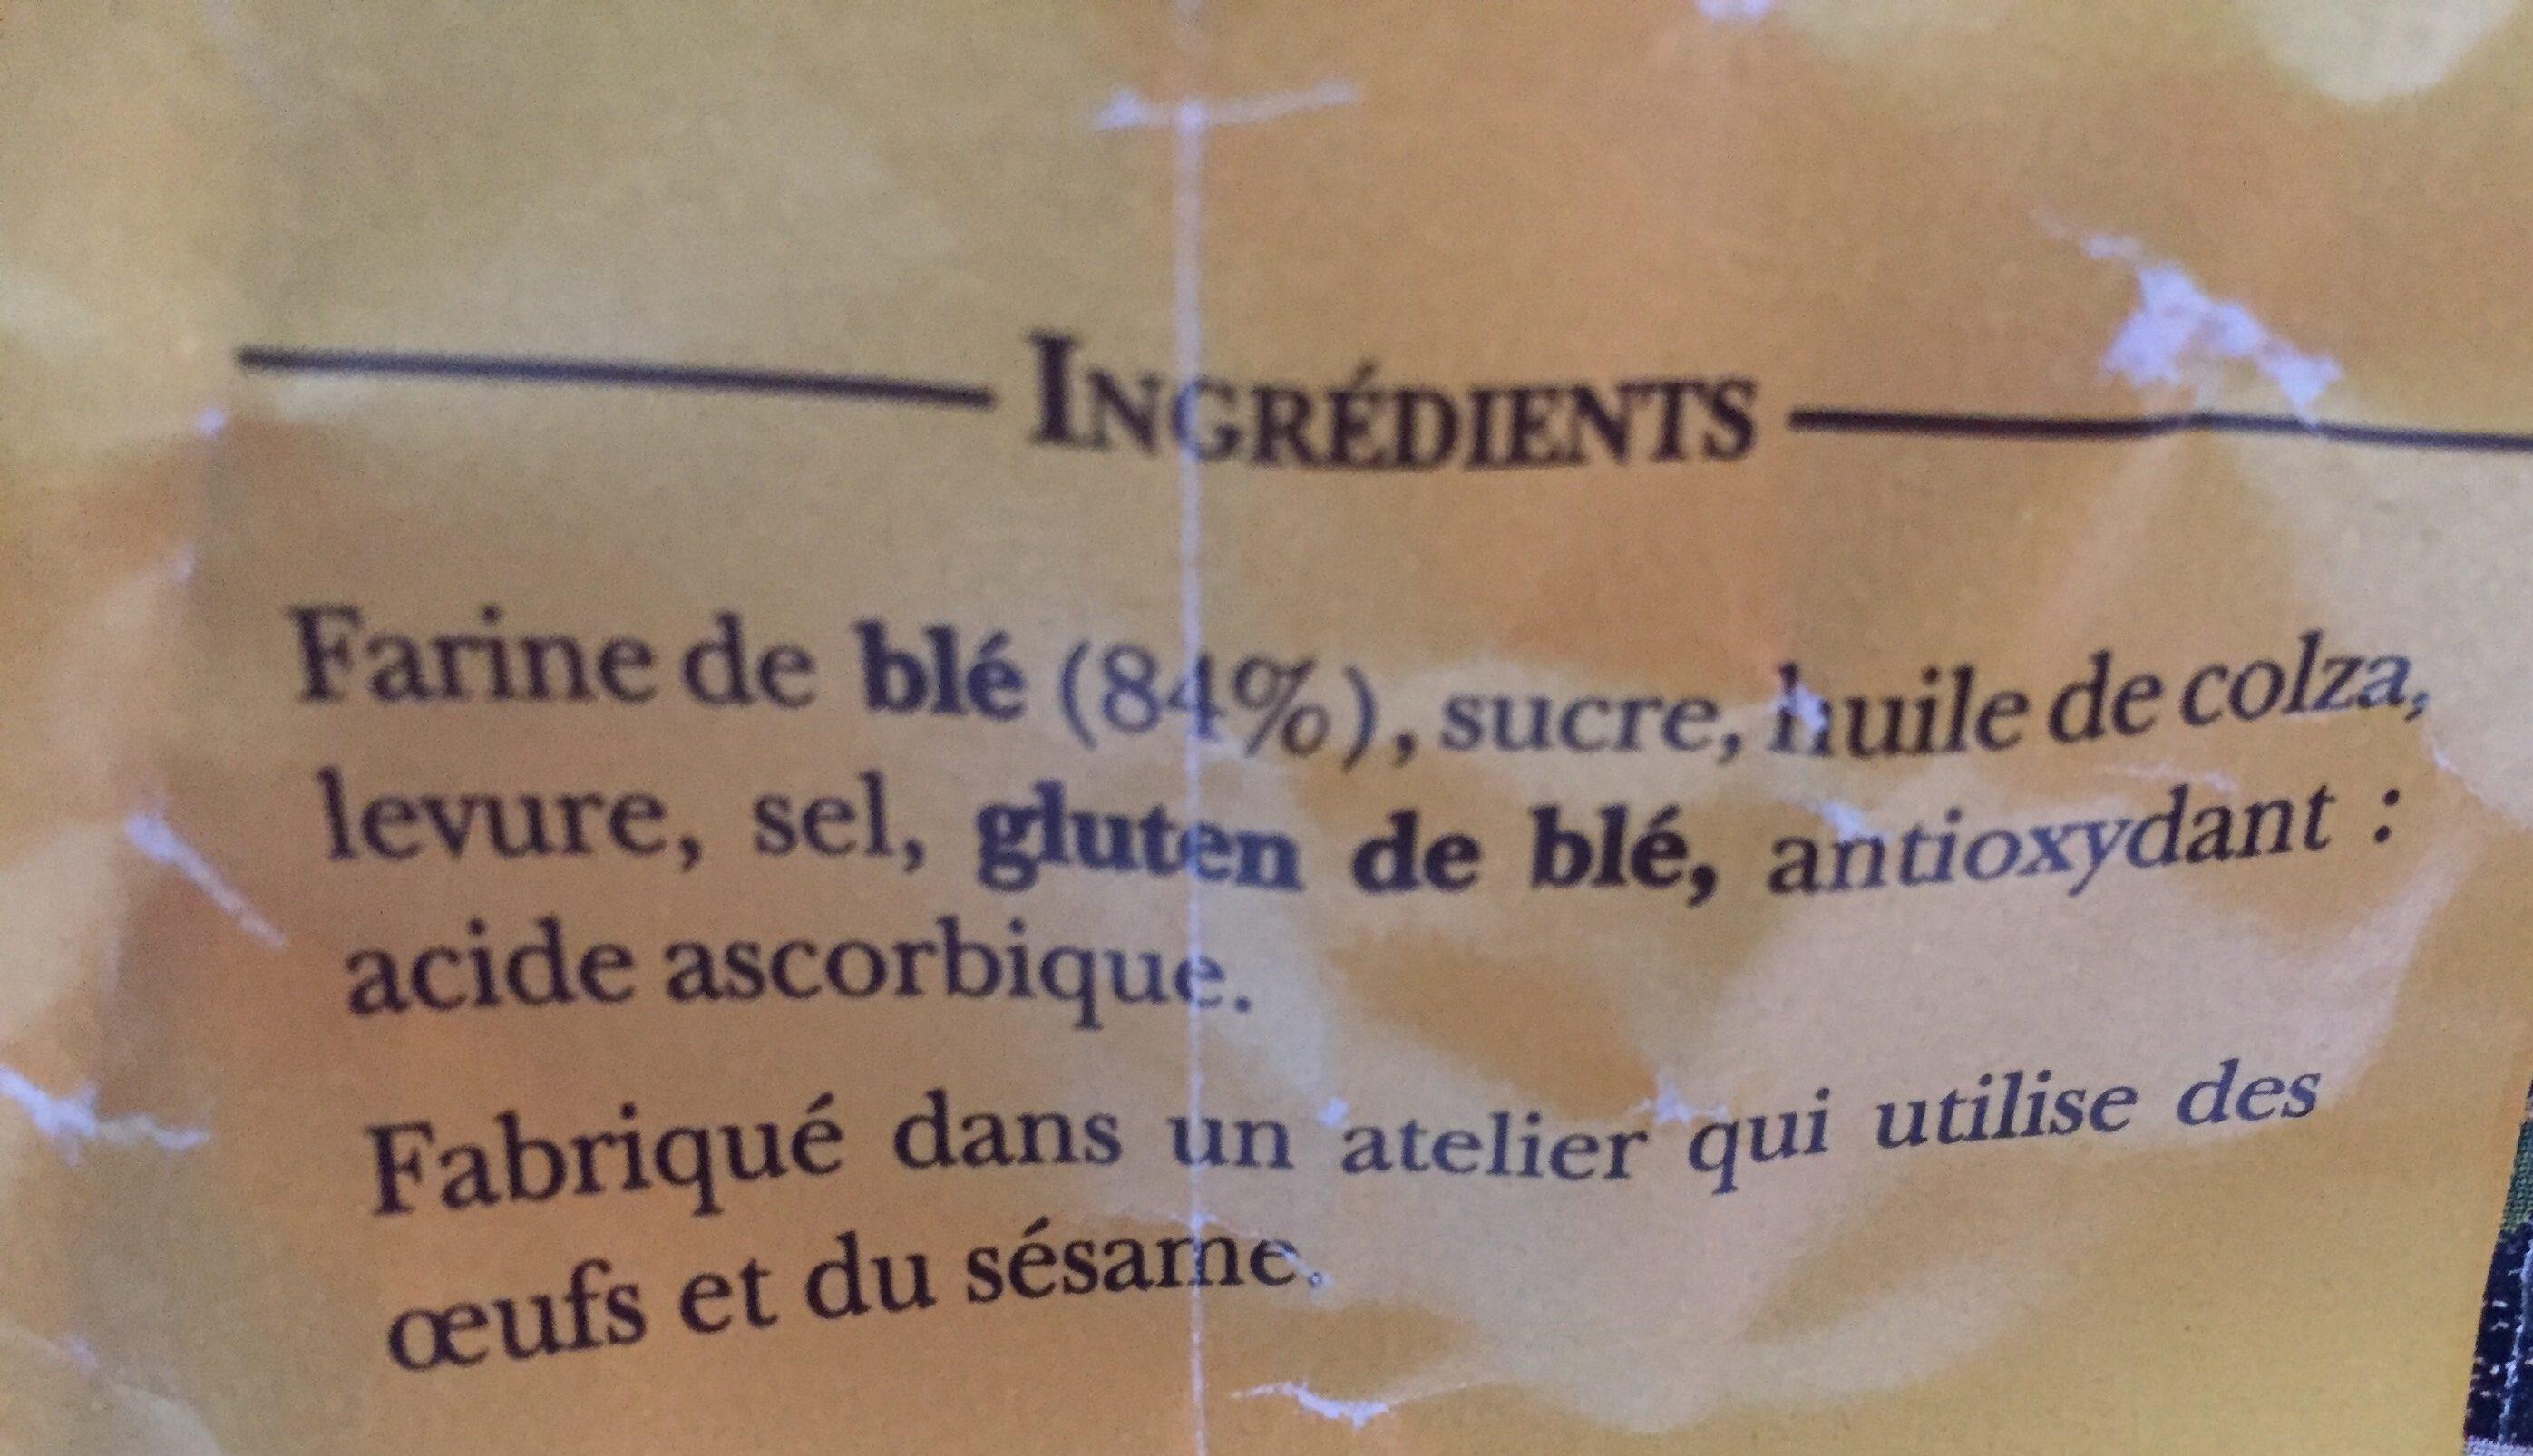 Petit grille aixois - Ingrédients - fr